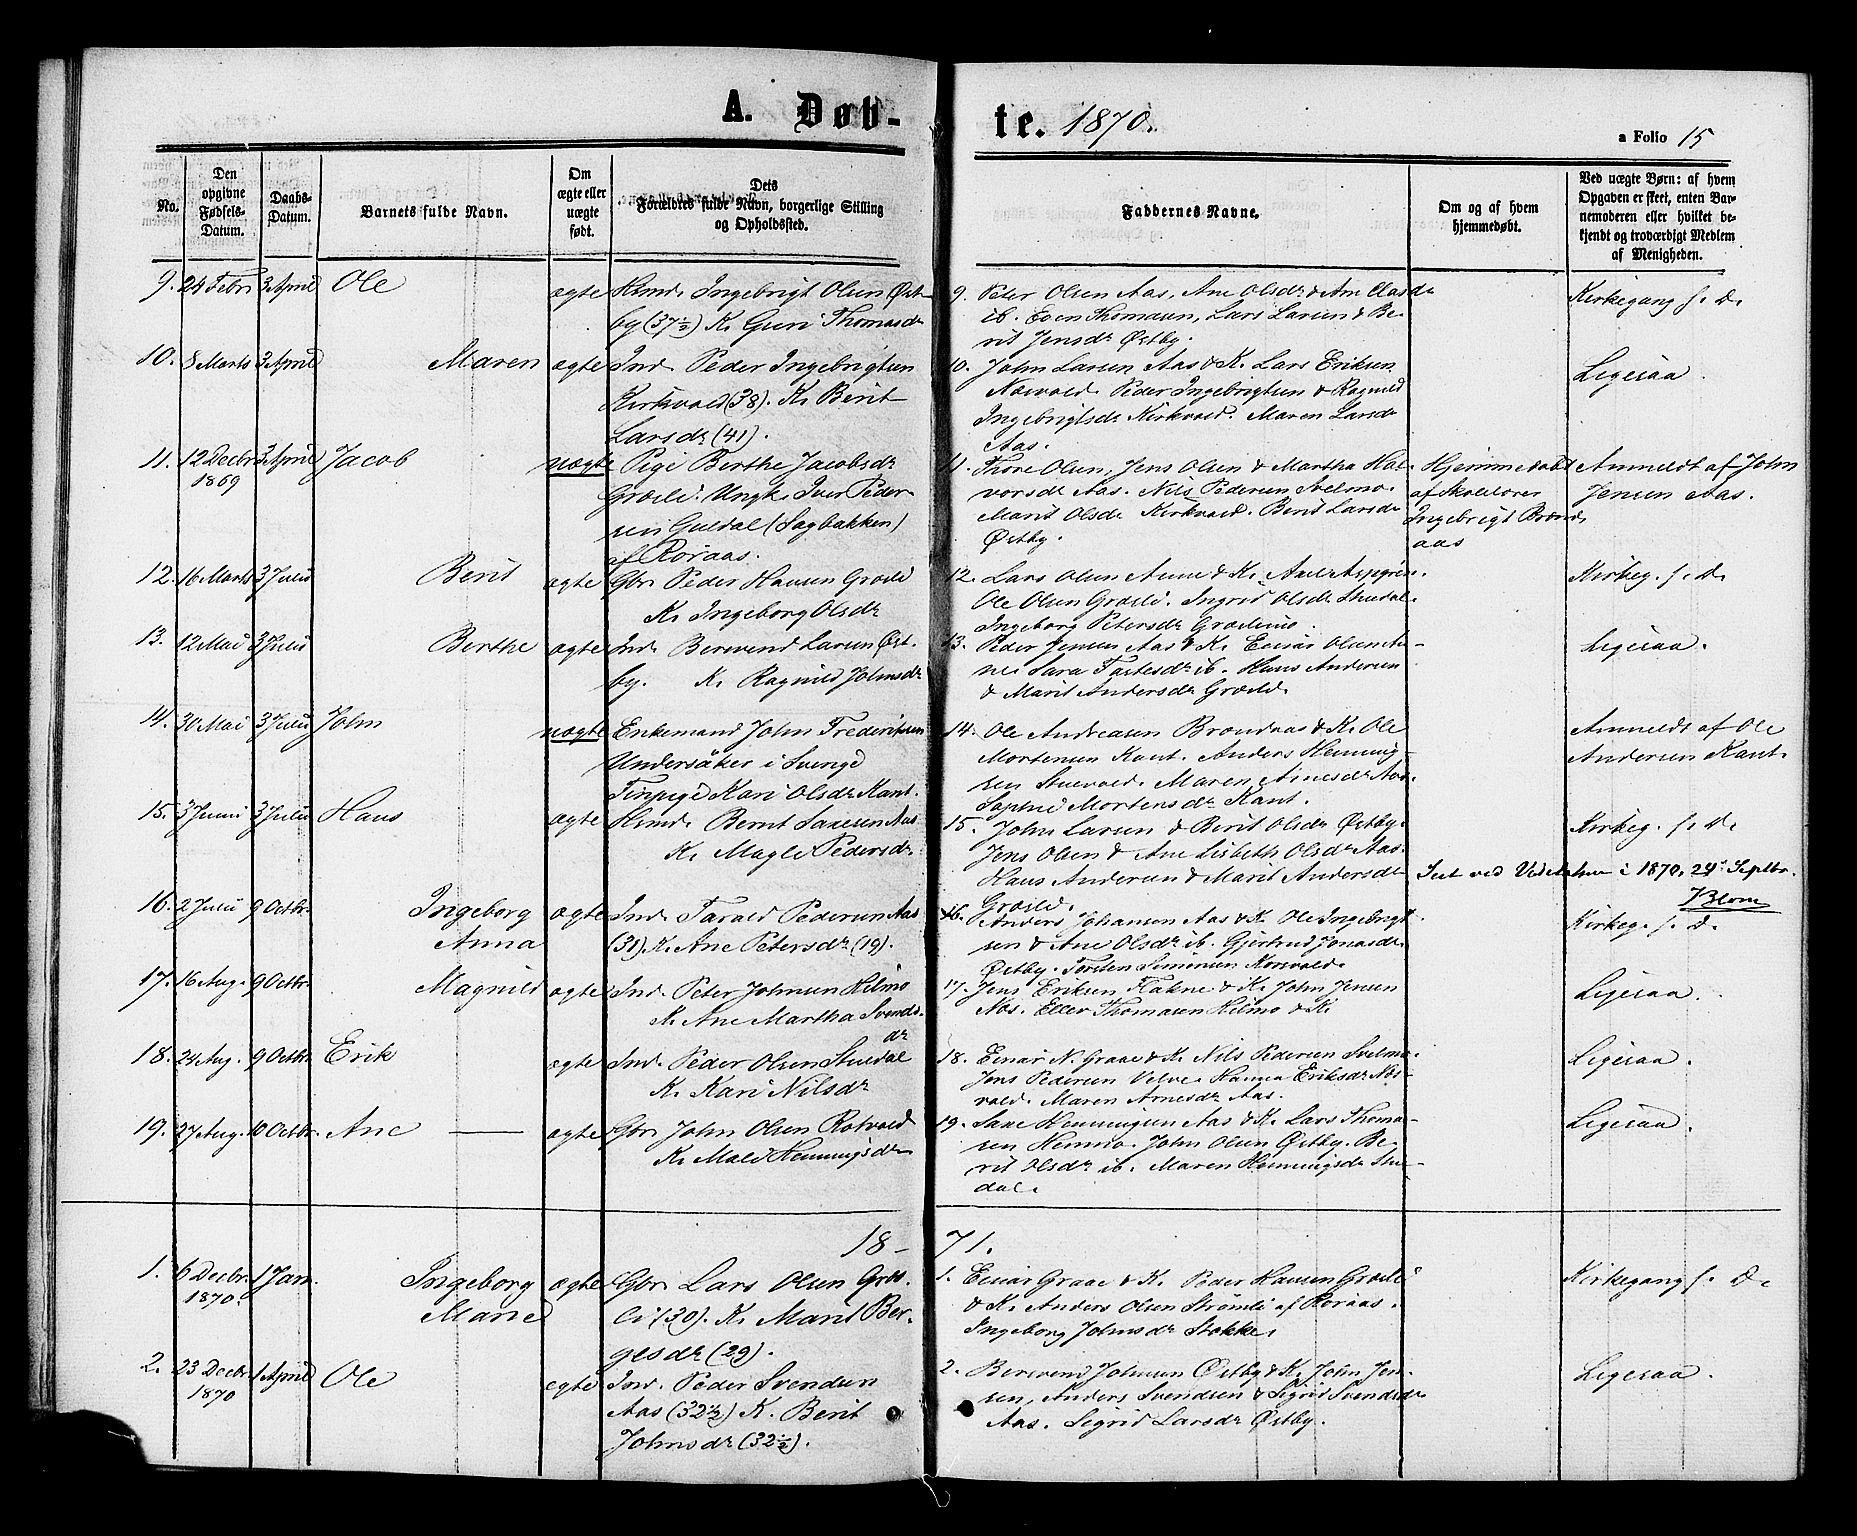 SAT, Ministerialprotokoller, klokkerbøker og fødselsregistre - Sør-Trøndelag, 698/L1163: Ministerialbok nr. 698A01, 1862-1887, s. 15